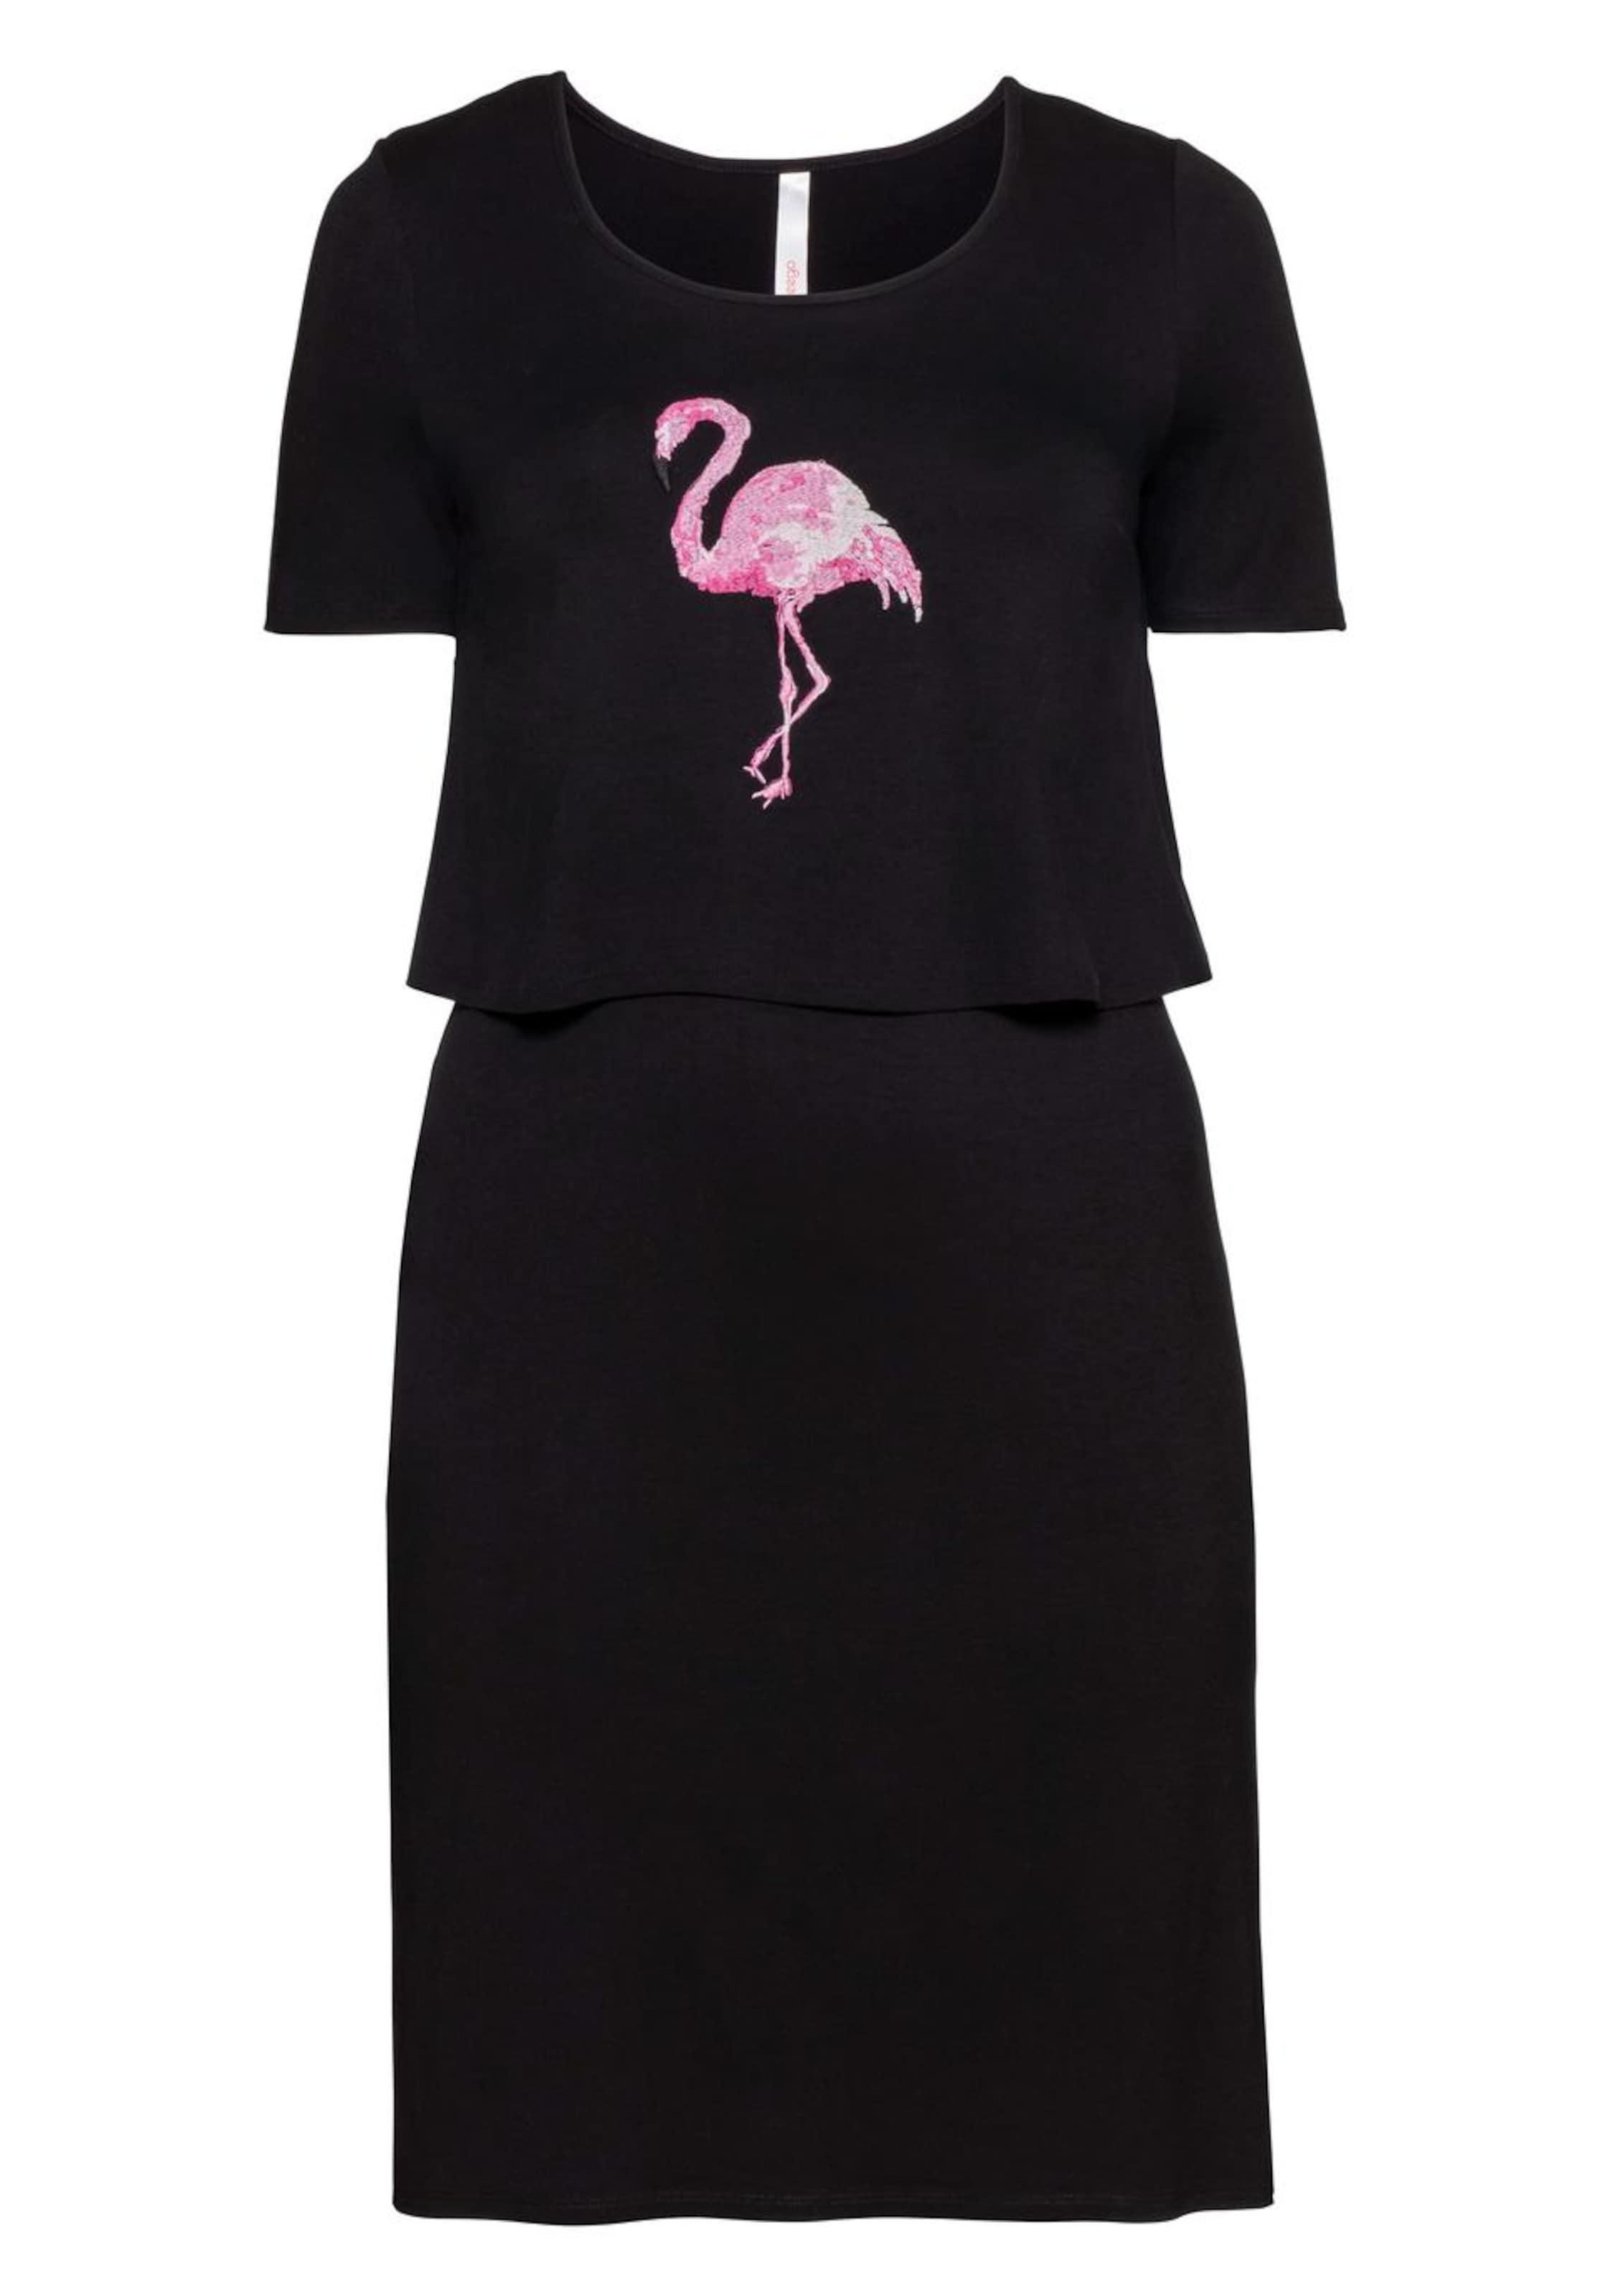 Sheegotit Kleid Kleid PinkPastellpink Sheegotit Schwarz In OZPkXui